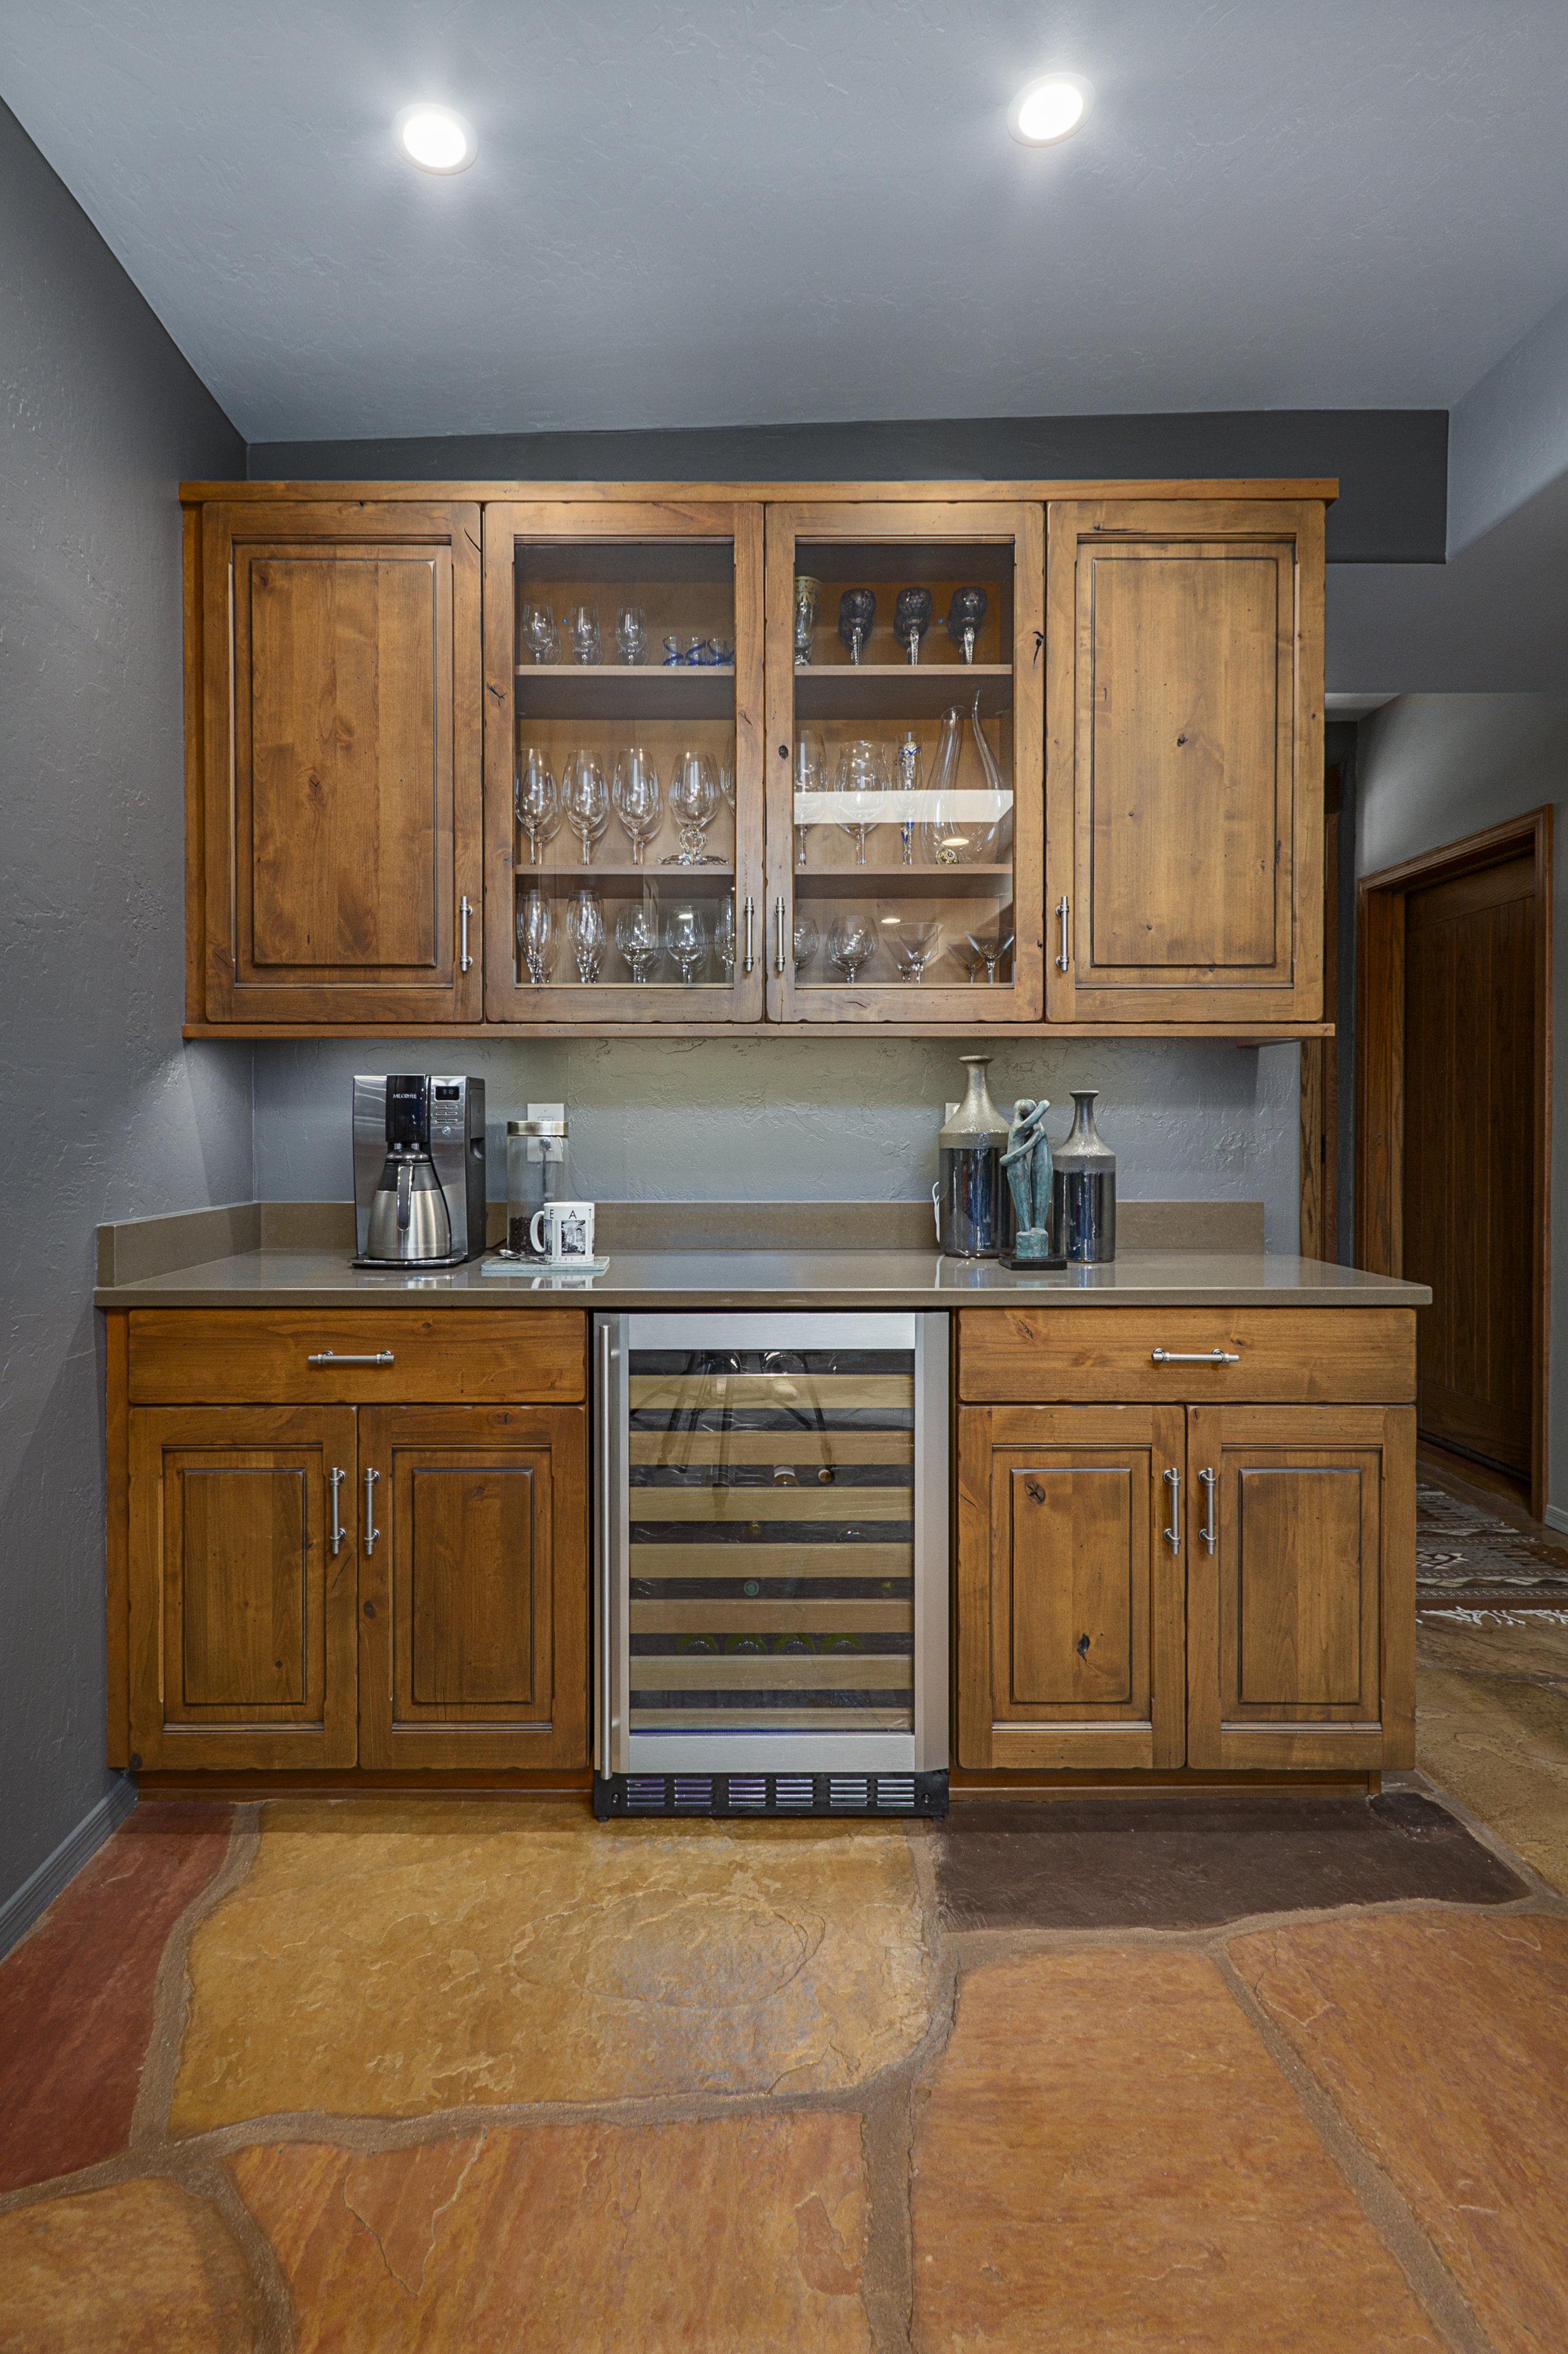 Cline_Kitchen 7.jpg